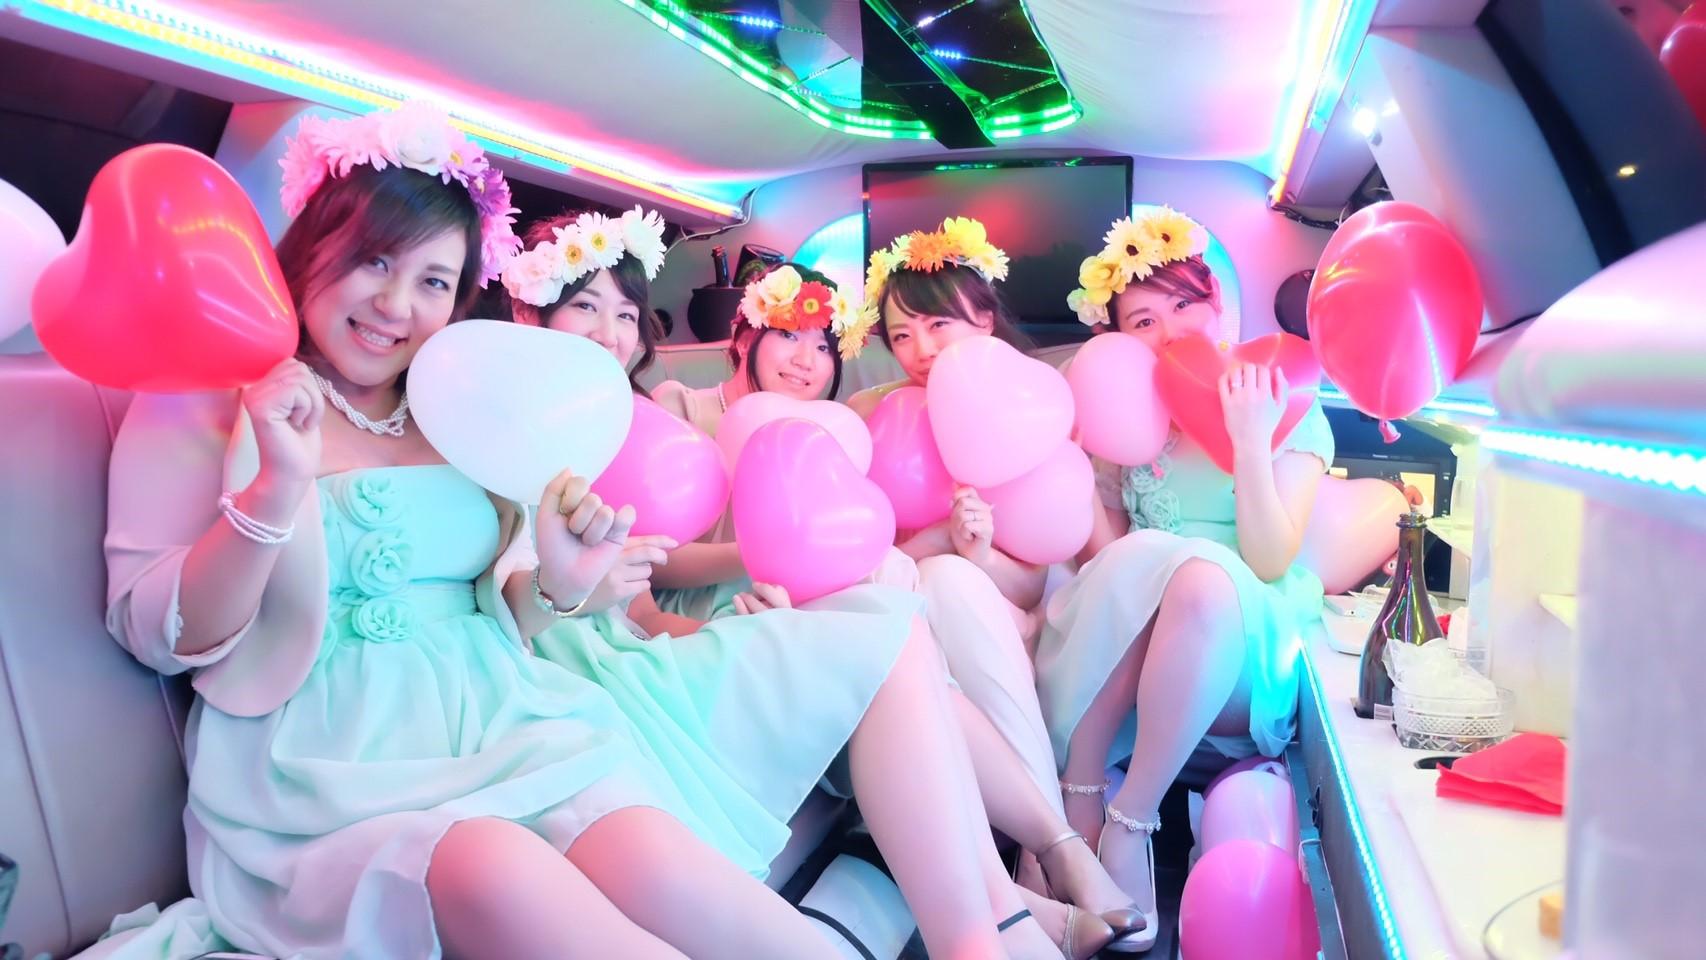 ブライダル結婚式の演出リムジン撮影